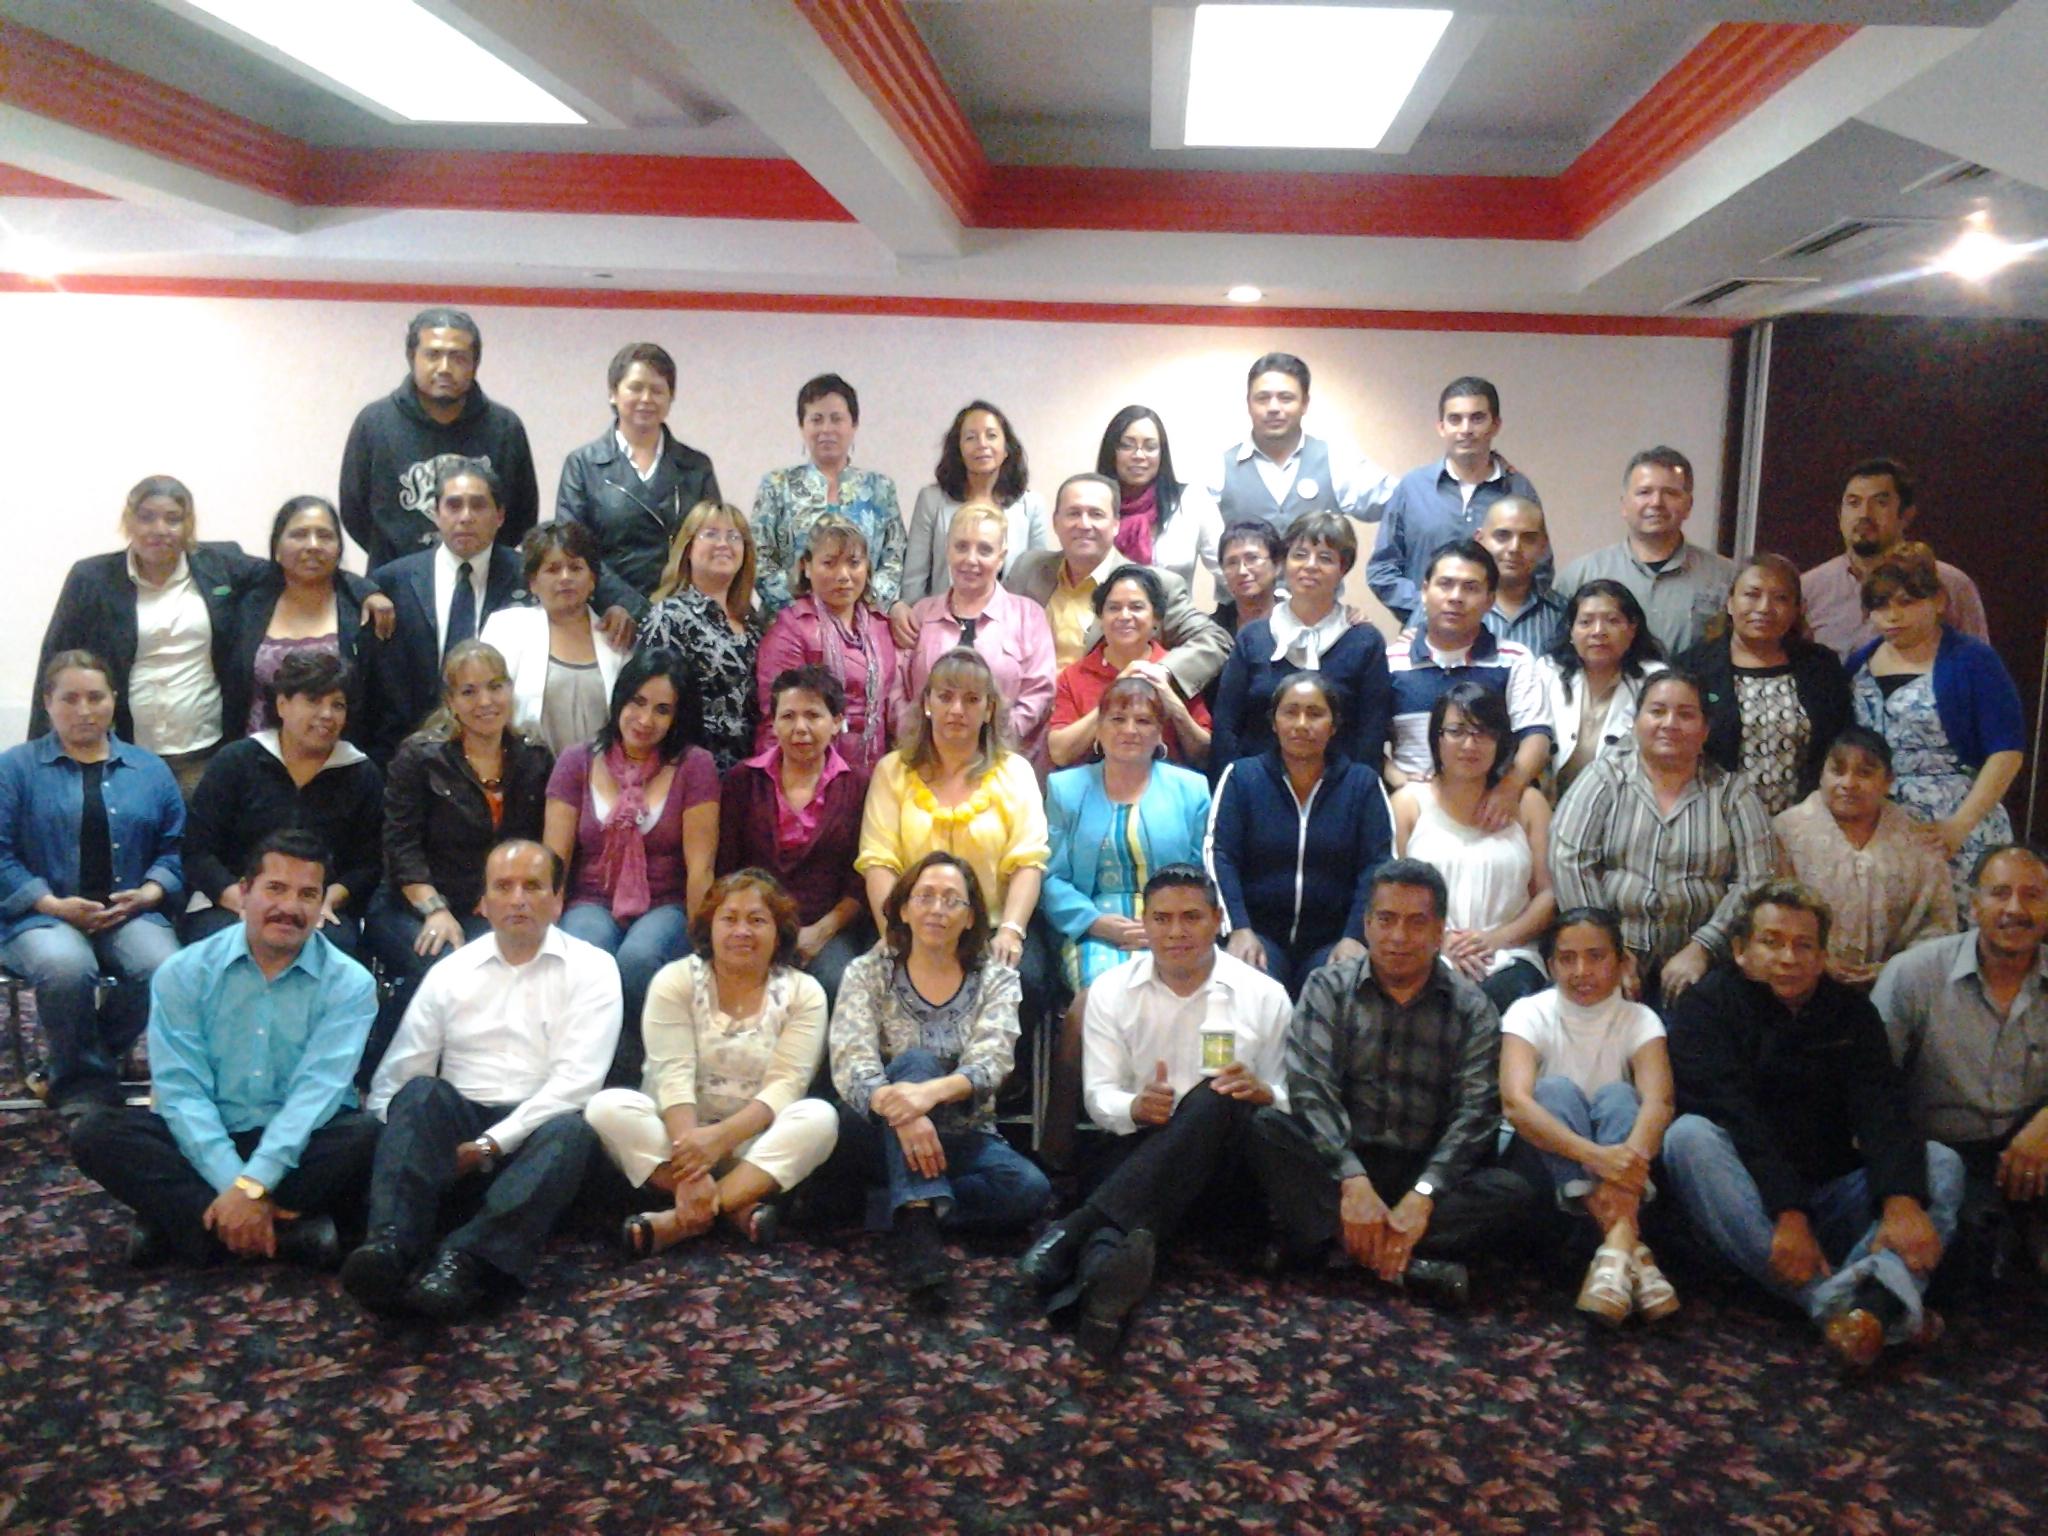 2012-09-01 17.09.07.jpg